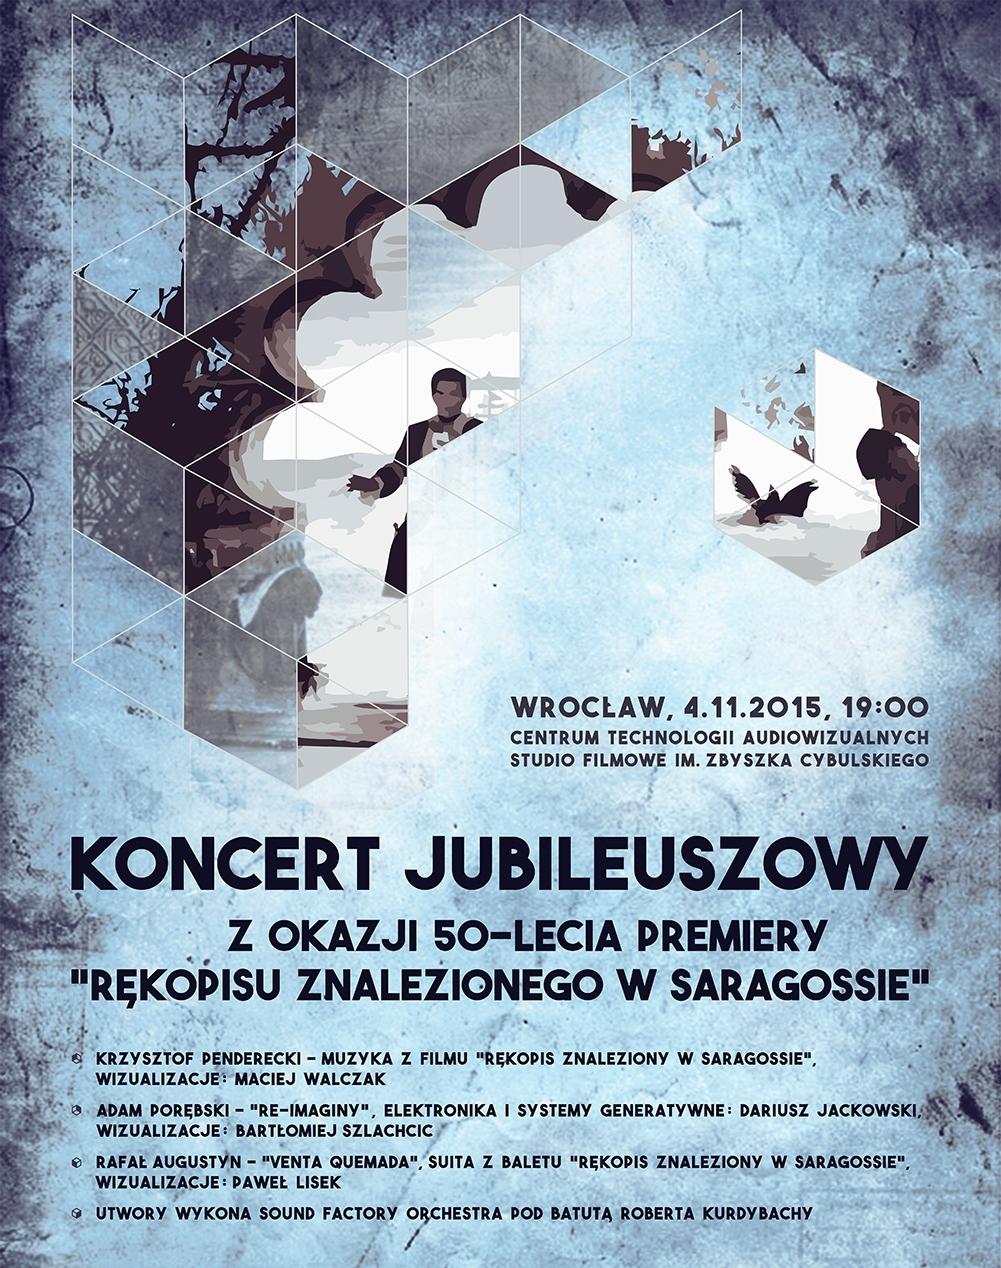 """Koncert jubileuszowy z okazji 50-lecia premiery """"Rękopisu znalezionego w Saragossie"""" – plakat (źródło: materiały prasowe organizatora)"""